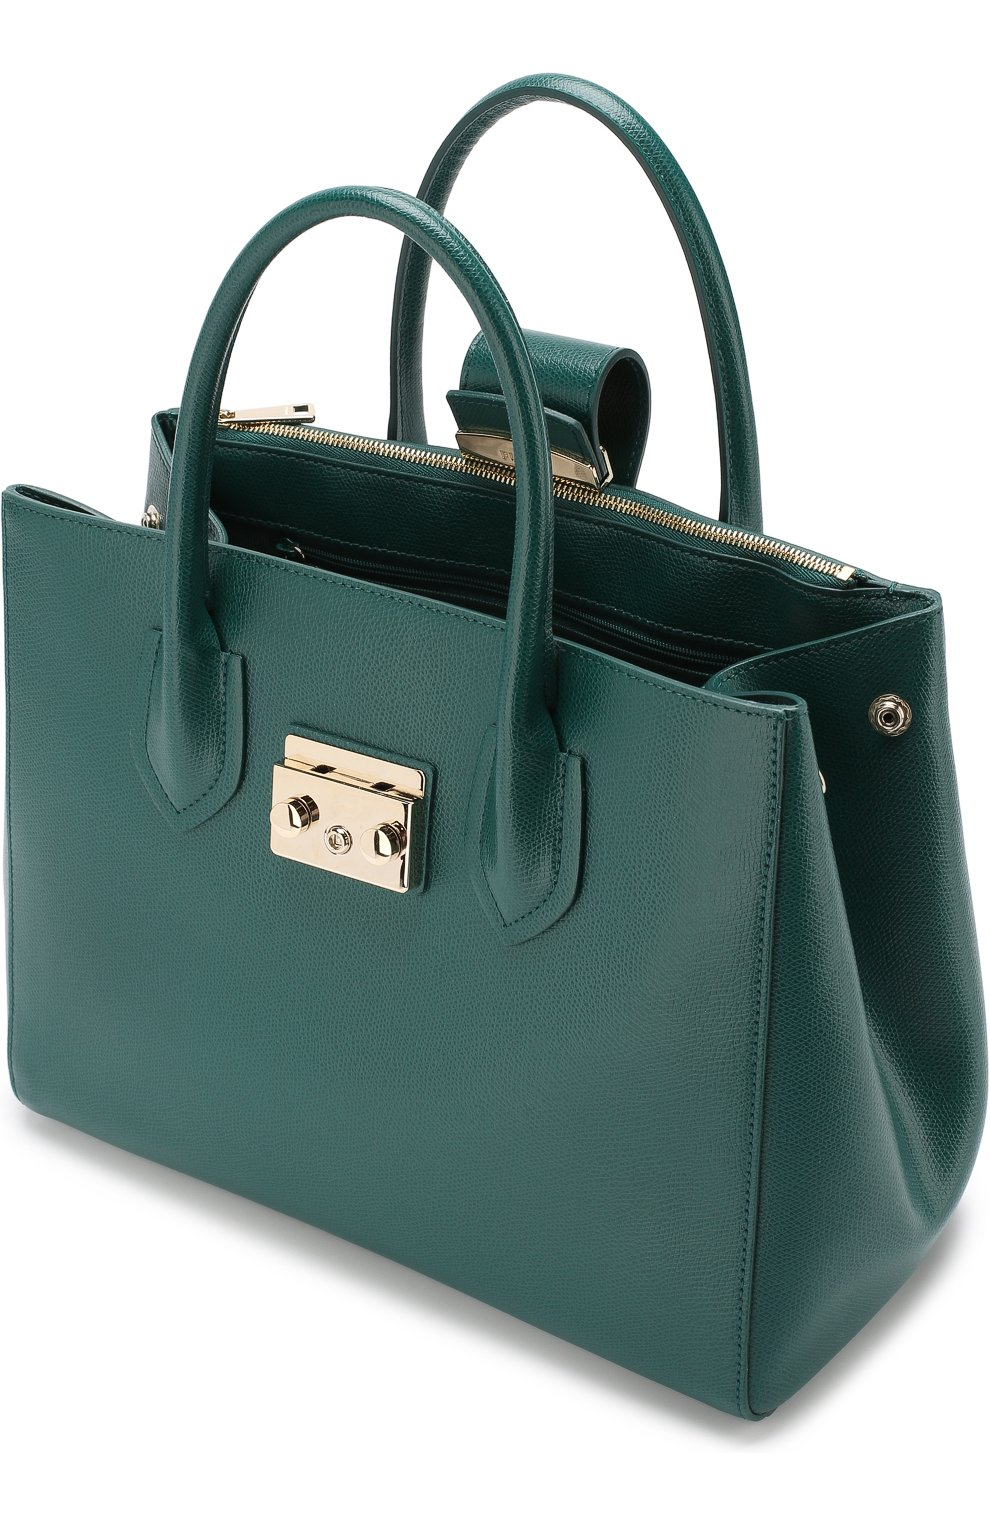 Женская сумка-тоут metropolis FURLA зеленого цвета — купить за 27500 ... 829397599fd